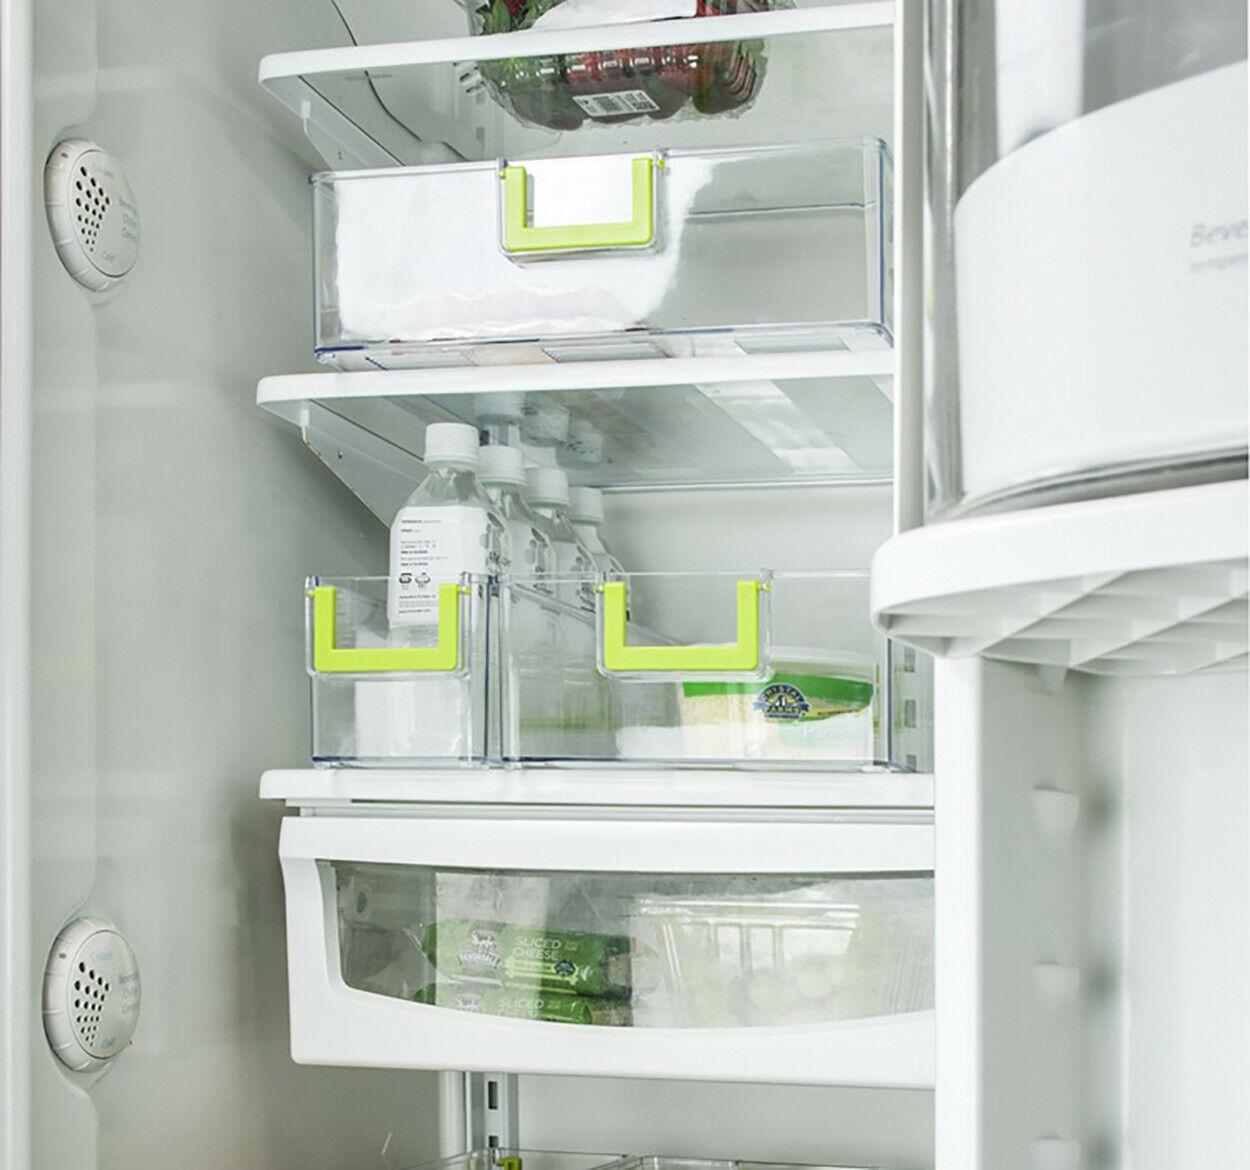 Full Size of Aufbewahrungsbehälter 3er Set Kchen Khlschrank Boaufbewahrungsbehlter Küche Wohnzimmer Aufbewahrungsbehälter